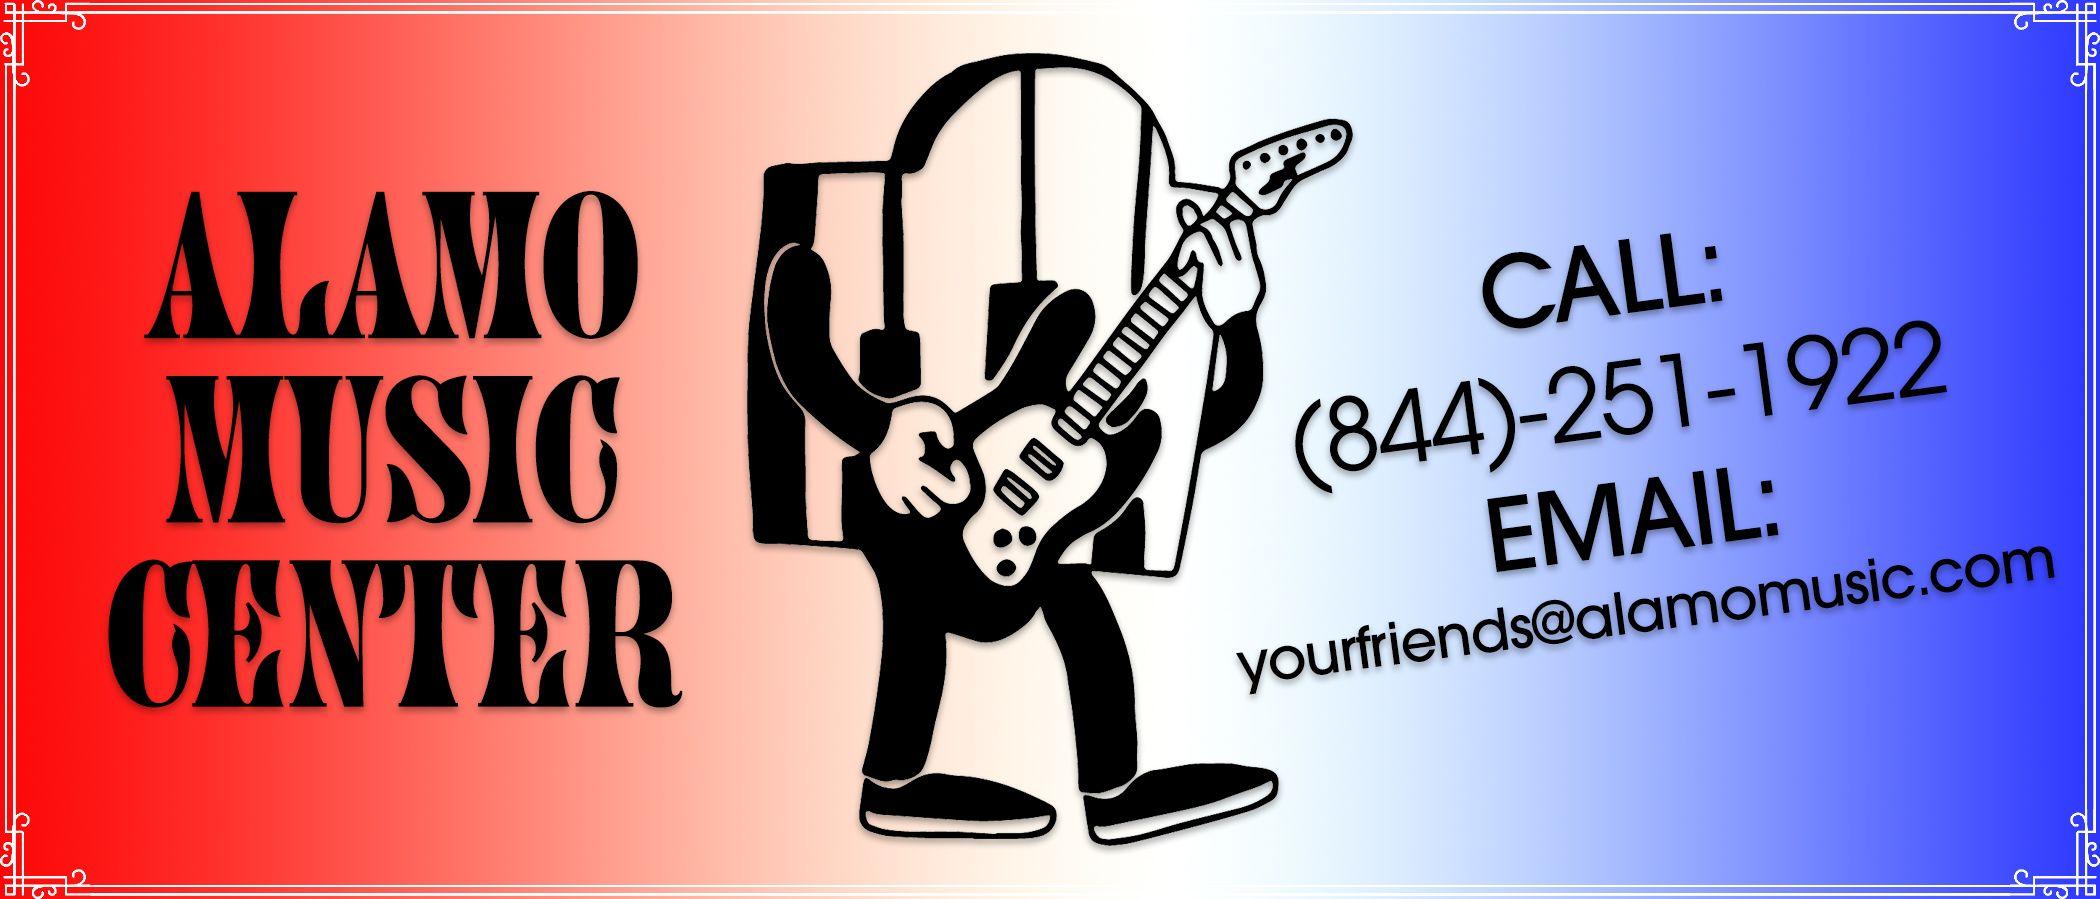 Alamo Music Center logo